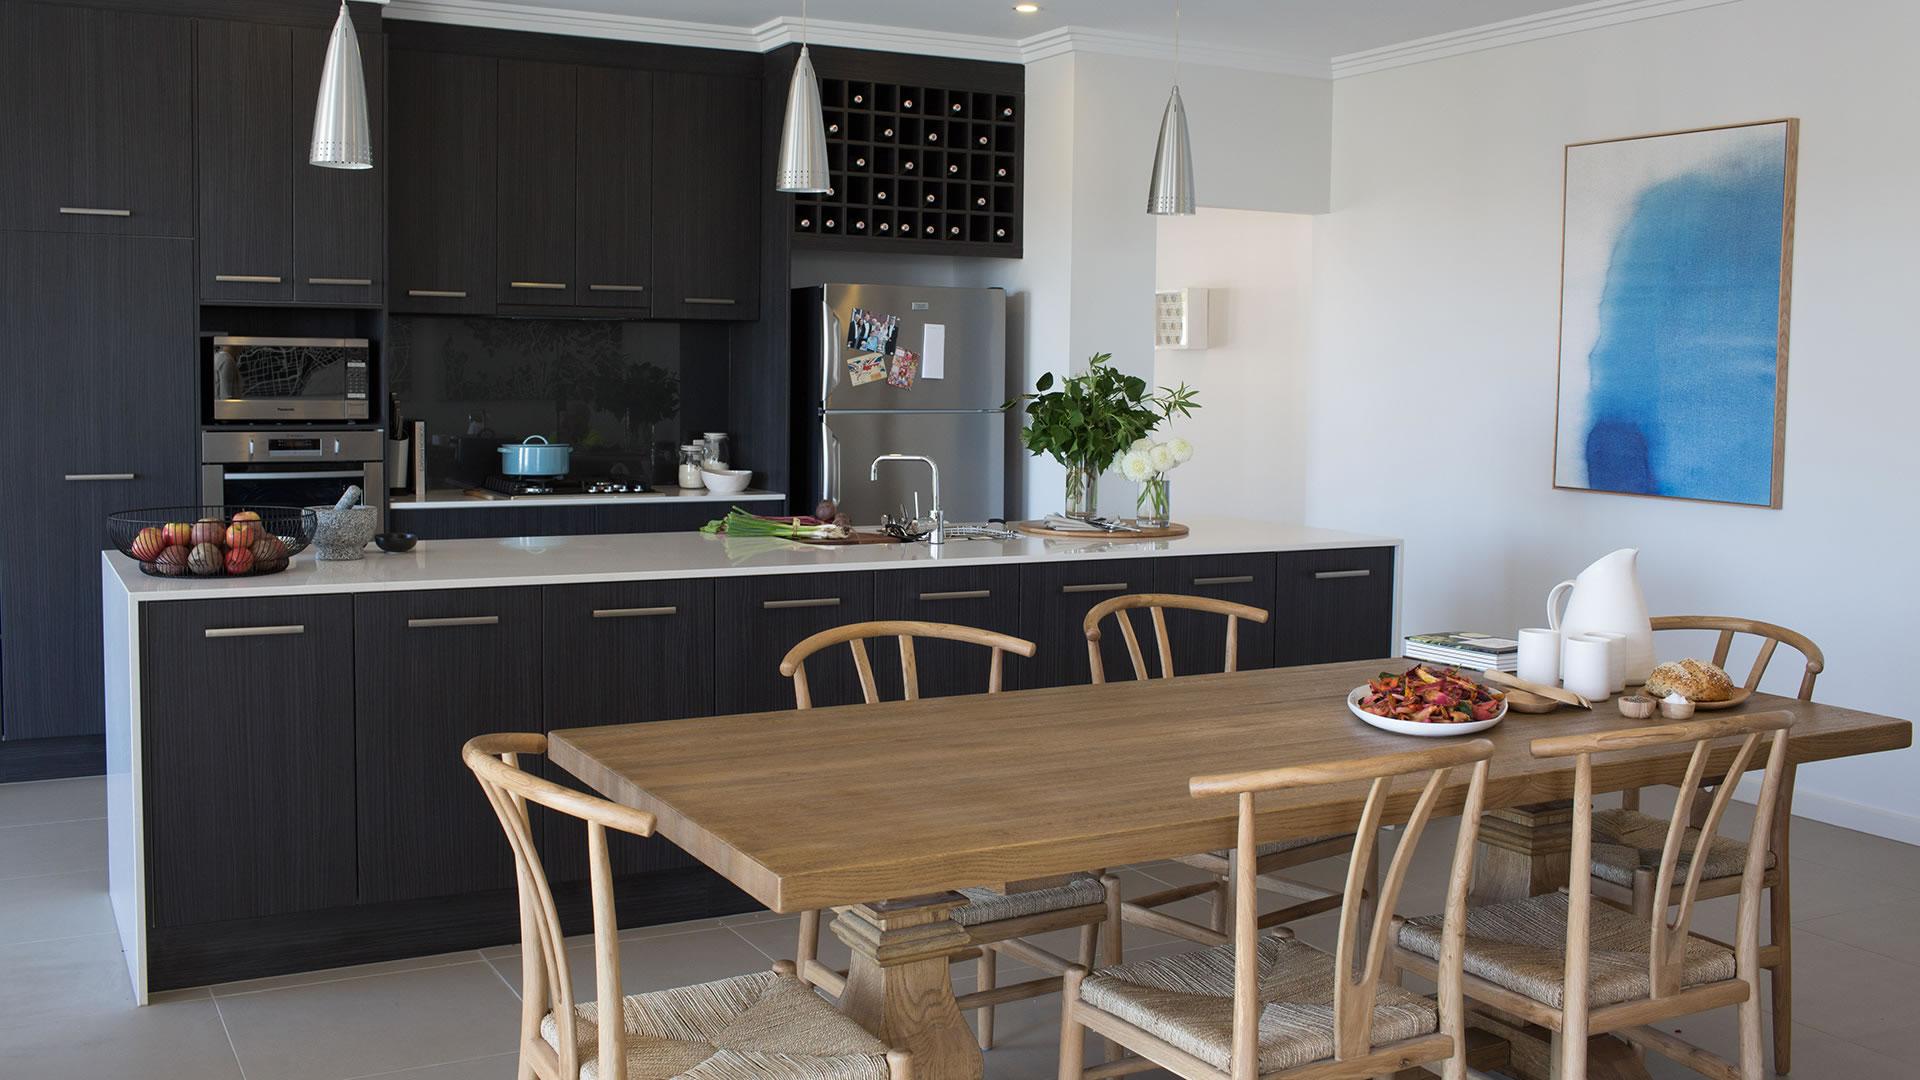 100 Ryan Homes Design Center White Marsh Fieldcrest Ryan Homes Hunt Valley Overlook At